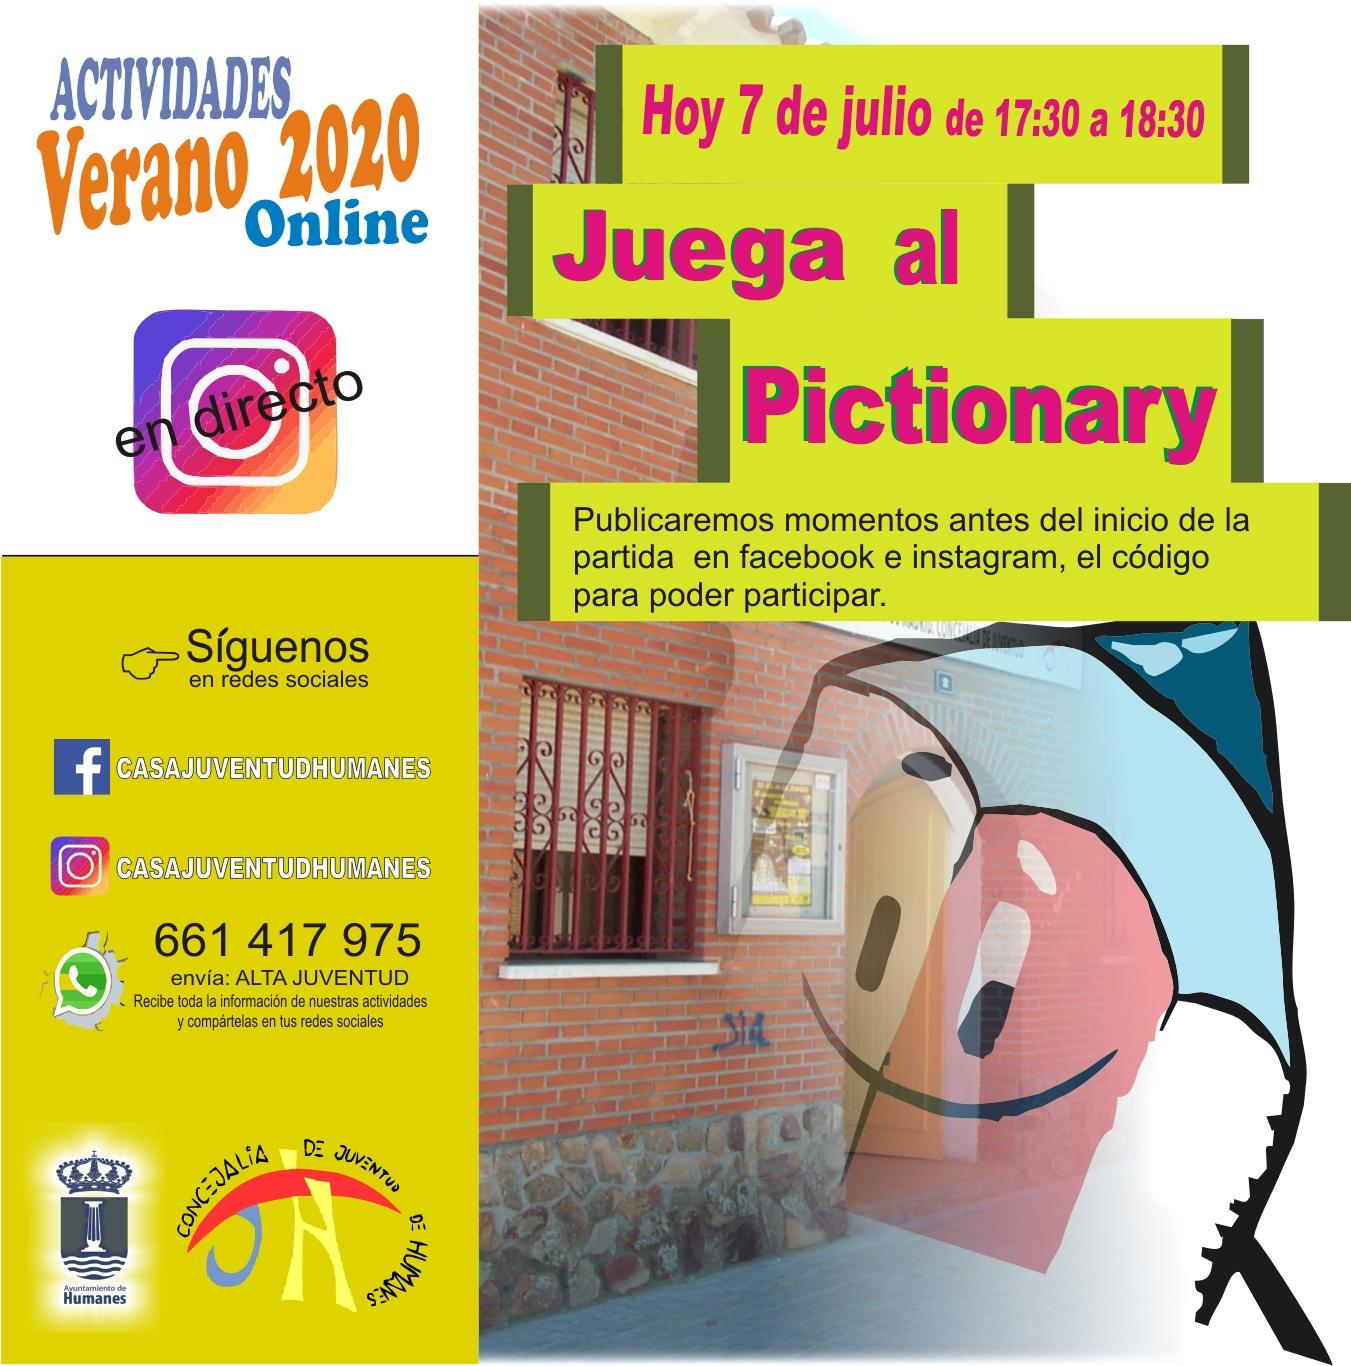 Juventud te invita participar de forma online al Pictionary